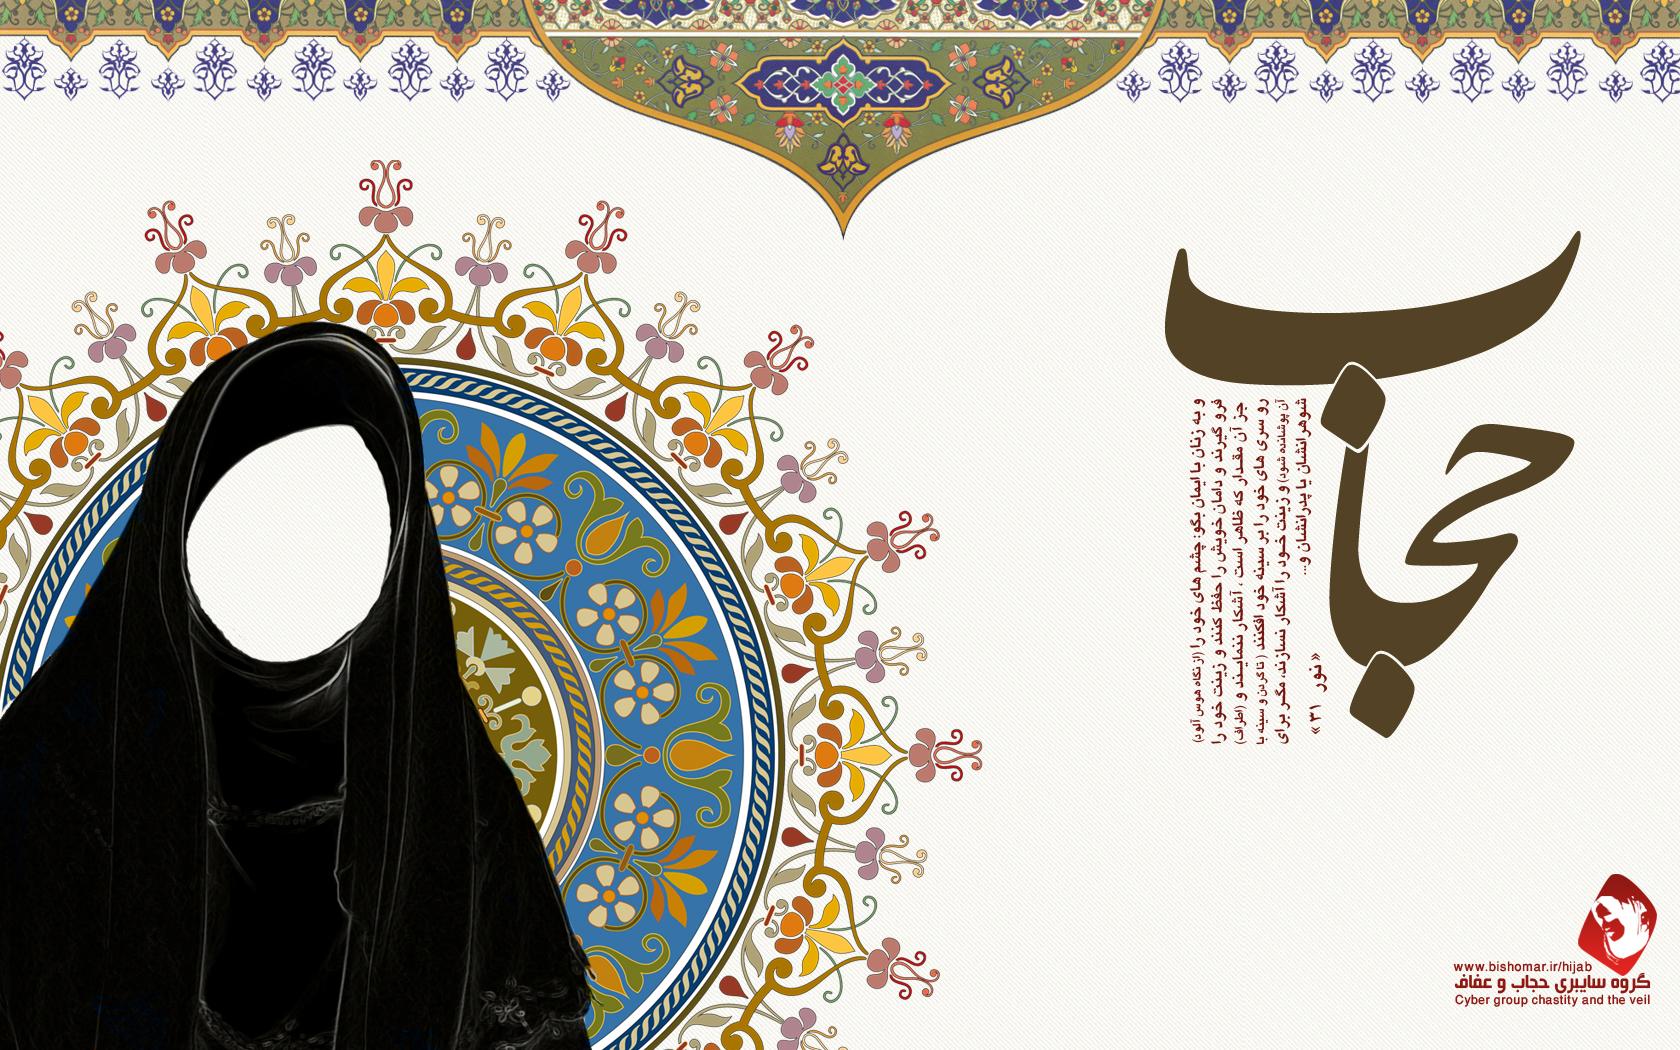 حجاب راهی برای رسیدن به رستگاری است/زنان ایرانی از زمان های قدیم پوششی پوشیده داشتنه اند